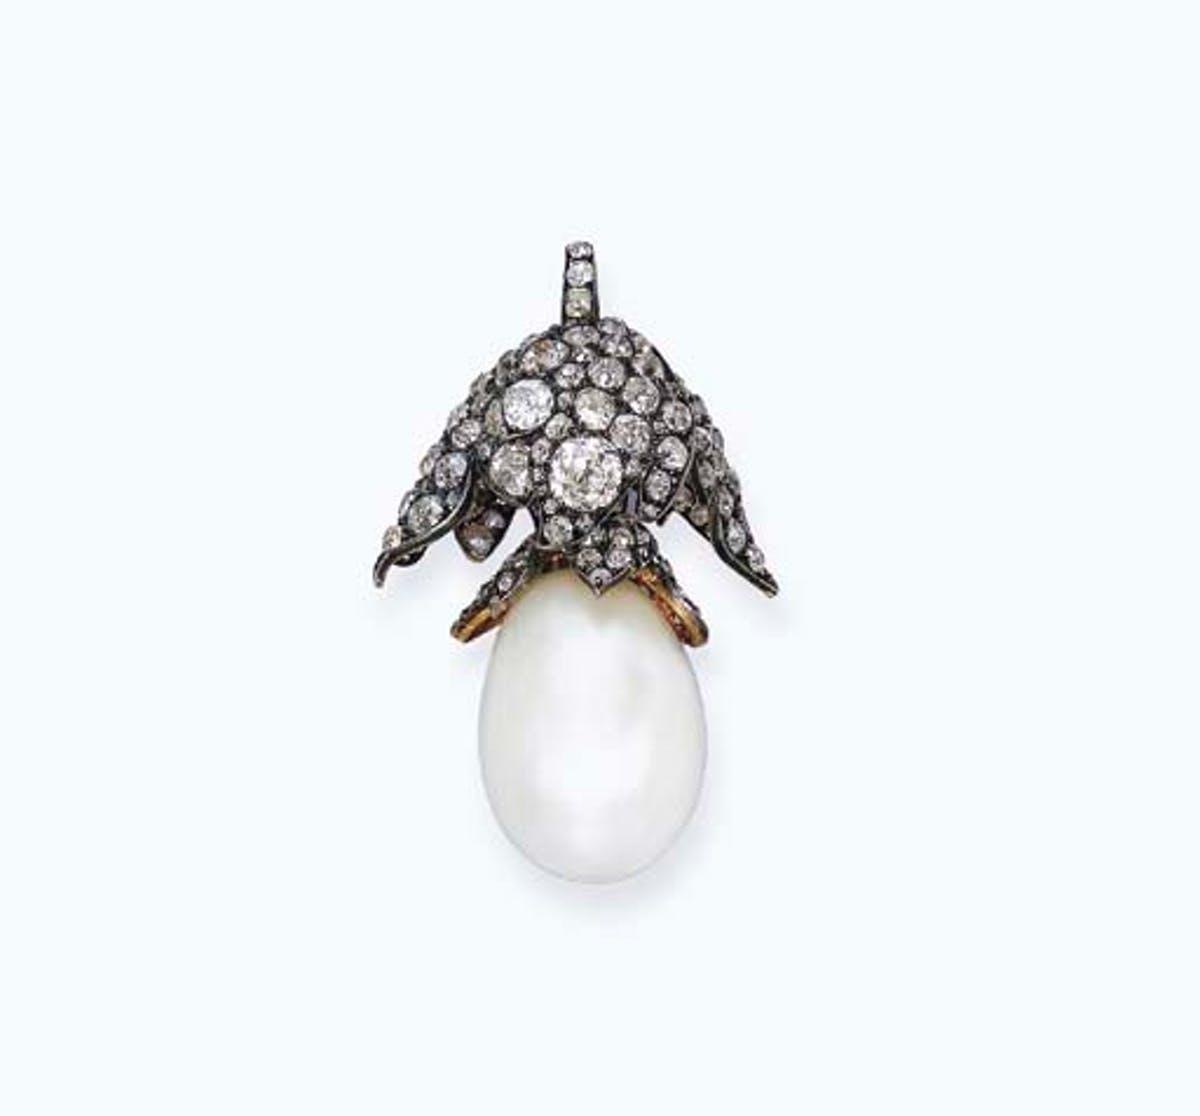 La Perle Régente ou Perle Napoléon, image ©Christie's